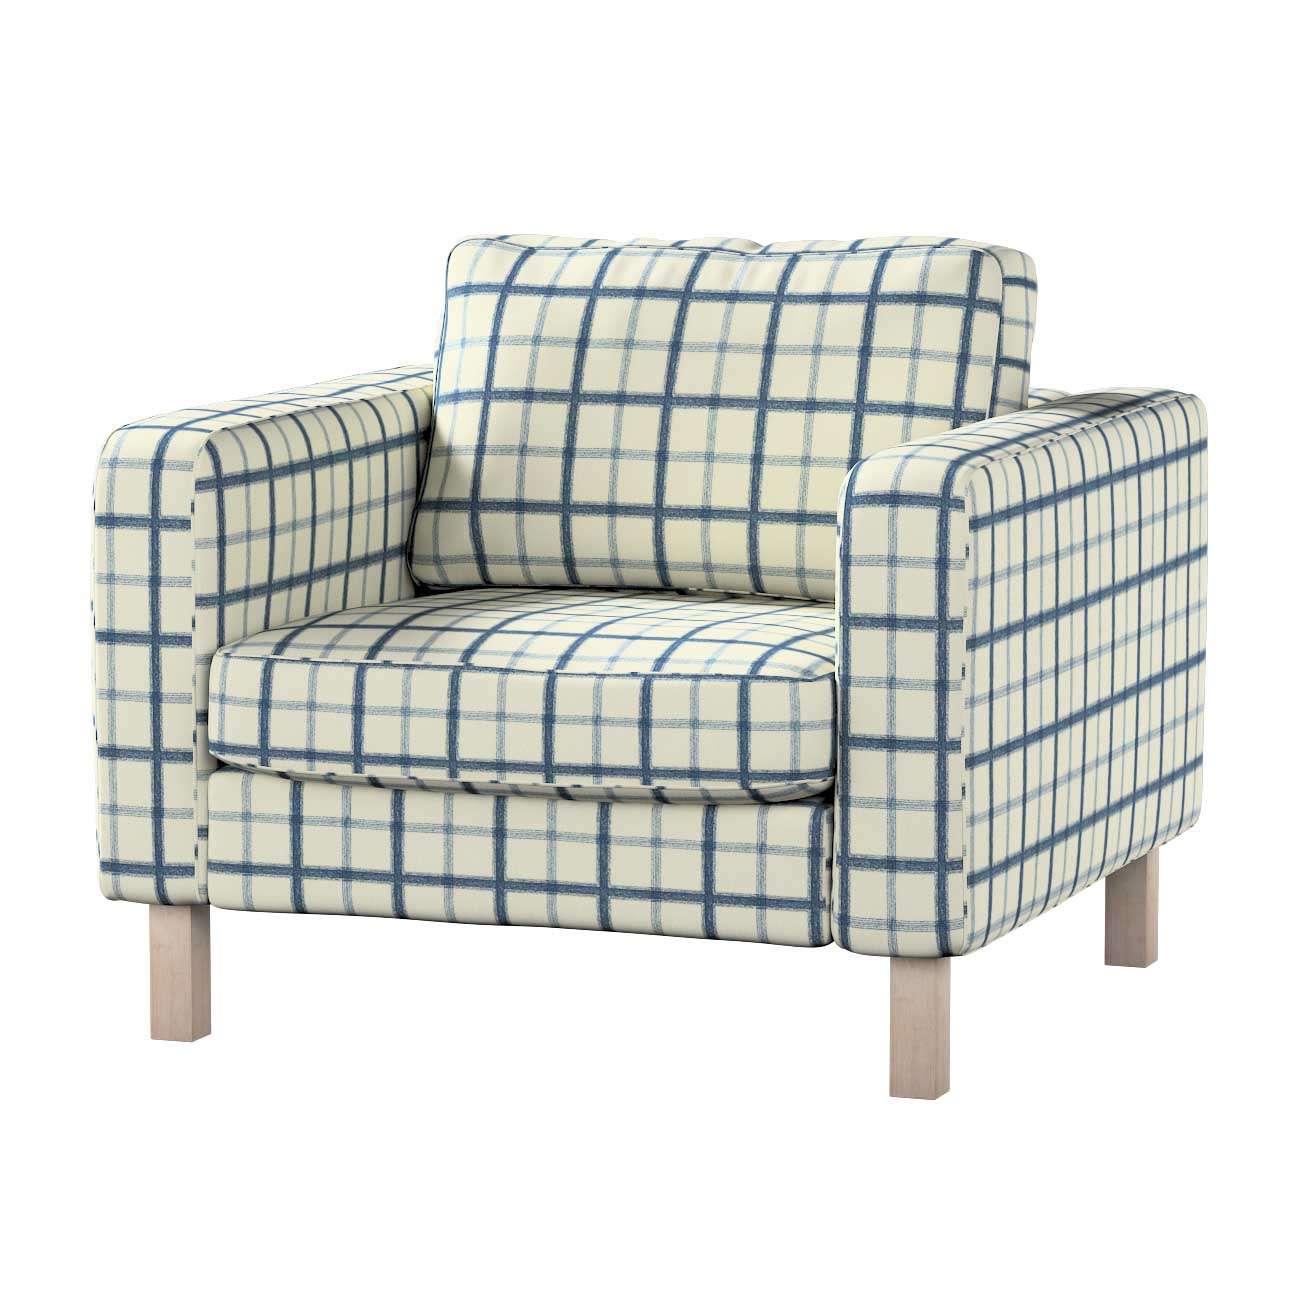 Karlstad fotelio užvalkalas Karlstad fotelio užvalkalas kolekcijoje Avinon, audinys: 131-66